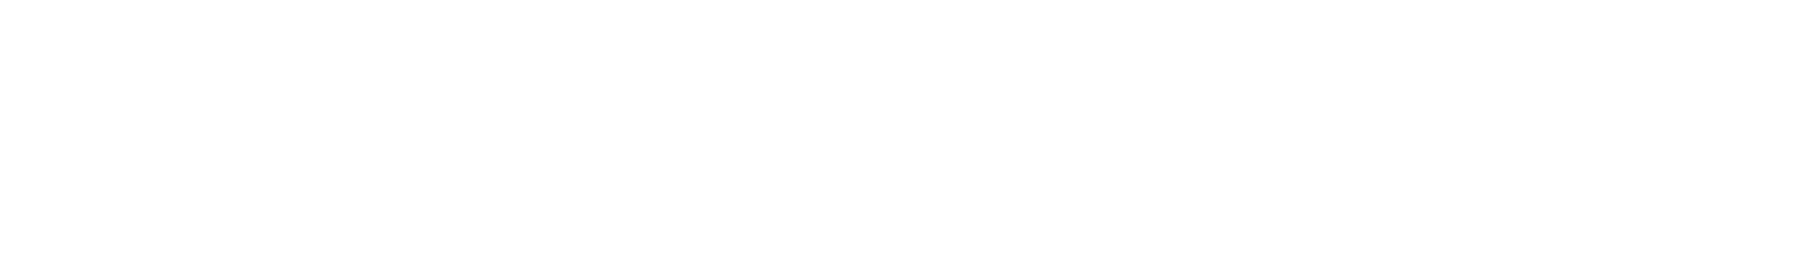 drumloop